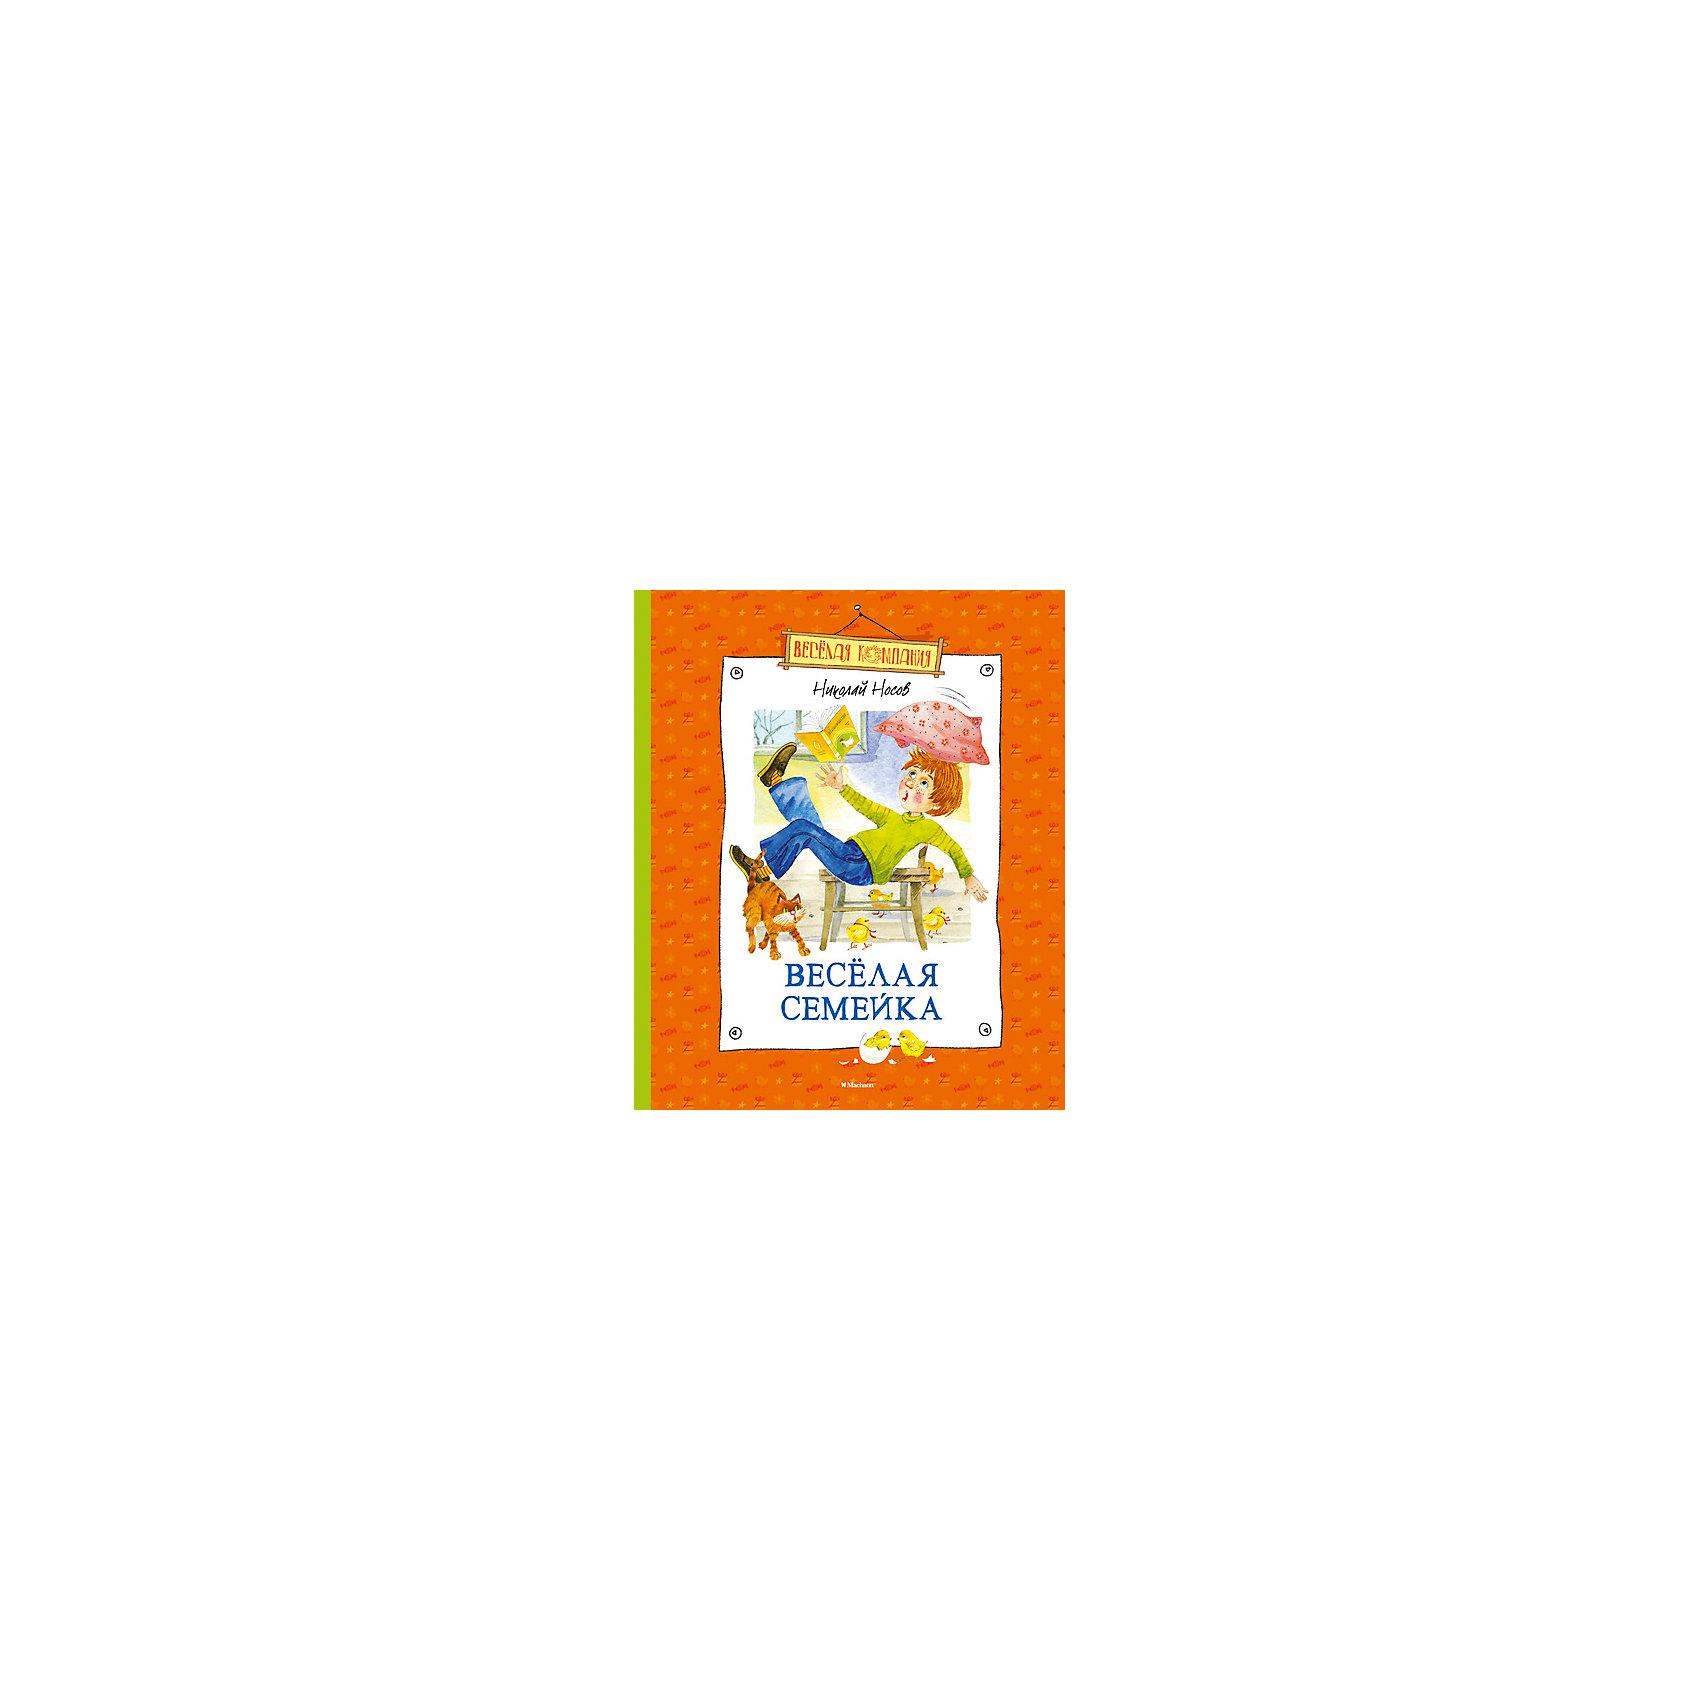 Веселая семейкаНа добрых историях и интересных книжках очень легко воспитывать детей. В них доступно объясняется - что хорошо, а что - плохо, даются понятия о базовых ценностях, дружбе, любви и порядочности. Эта книга отличается от других - в ней детей учат мыслить нестандартно, не бояться делать что-то странное. Здесь полно юмора для детей!<br>Такая книга может стать отличным подарком ребенку. Это удобный формат, твердый переплет, качественная бумага, прекрасные иллюстрации и захватывающие рассказы Н. Носова. Книга произведена из качественных и безопасных для детей материалов.<br><br>Дополнительная информация:<br><br>страниц: 128;<br>твердый переплет;<br>формат: 24 х 20 см.<br><br>Книгу Веселая семейка можно купить в нашем магазине.<br><br>Ширина мм: 235<br>Глубина мм: 195<br>Высота мм: 12<br>Вес г: 413<br>Возраст от месяцев: 84<br>Возраст до месяцев: 120<br>Пол: Унисекс<br>Возраст: Детский<br>SKU: 4975151